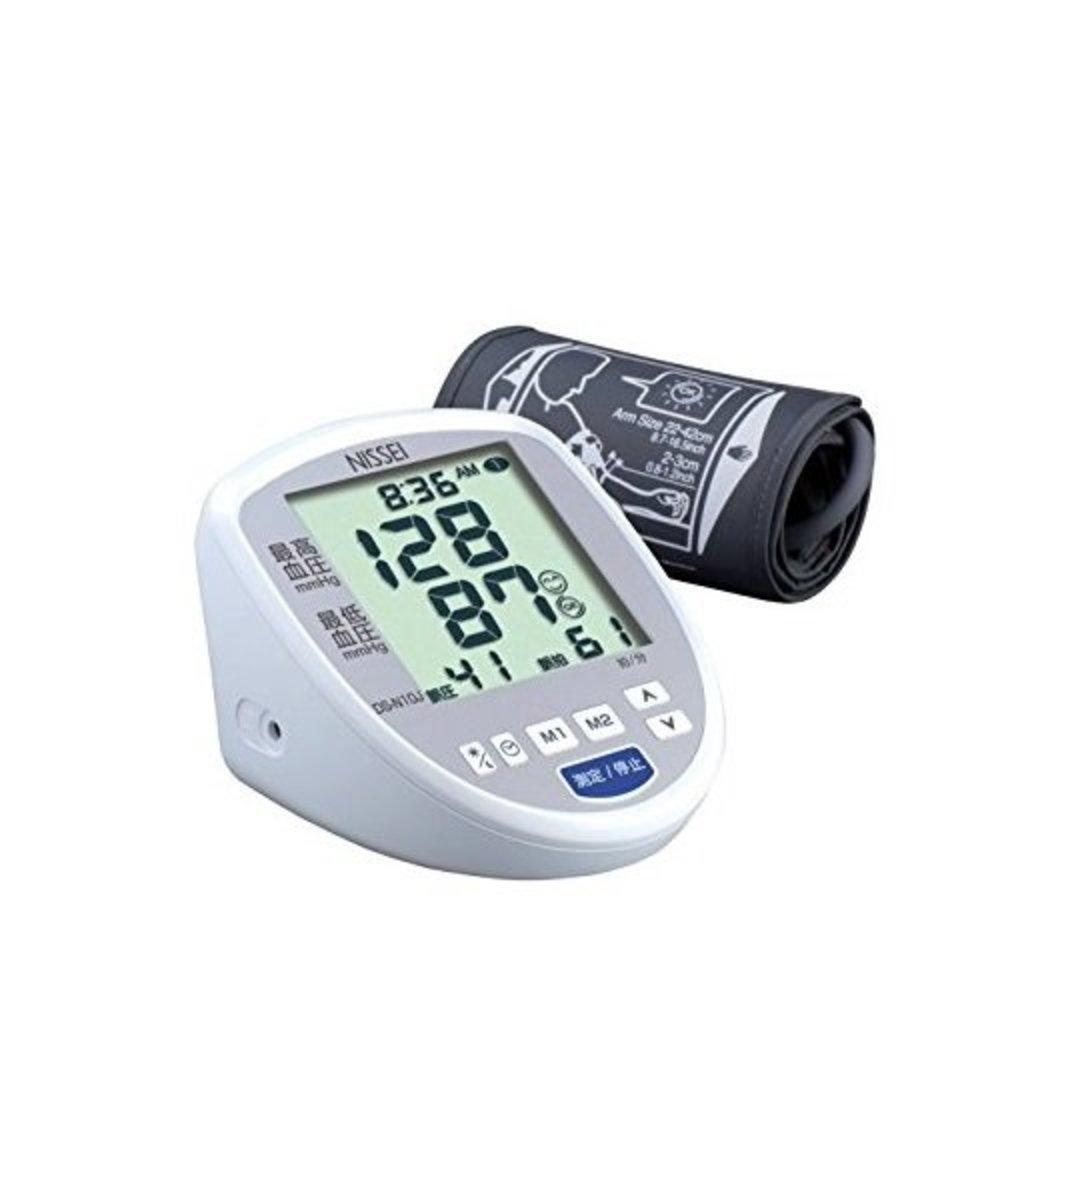 DS-N10J 上臂式血壓計 (日本制造)